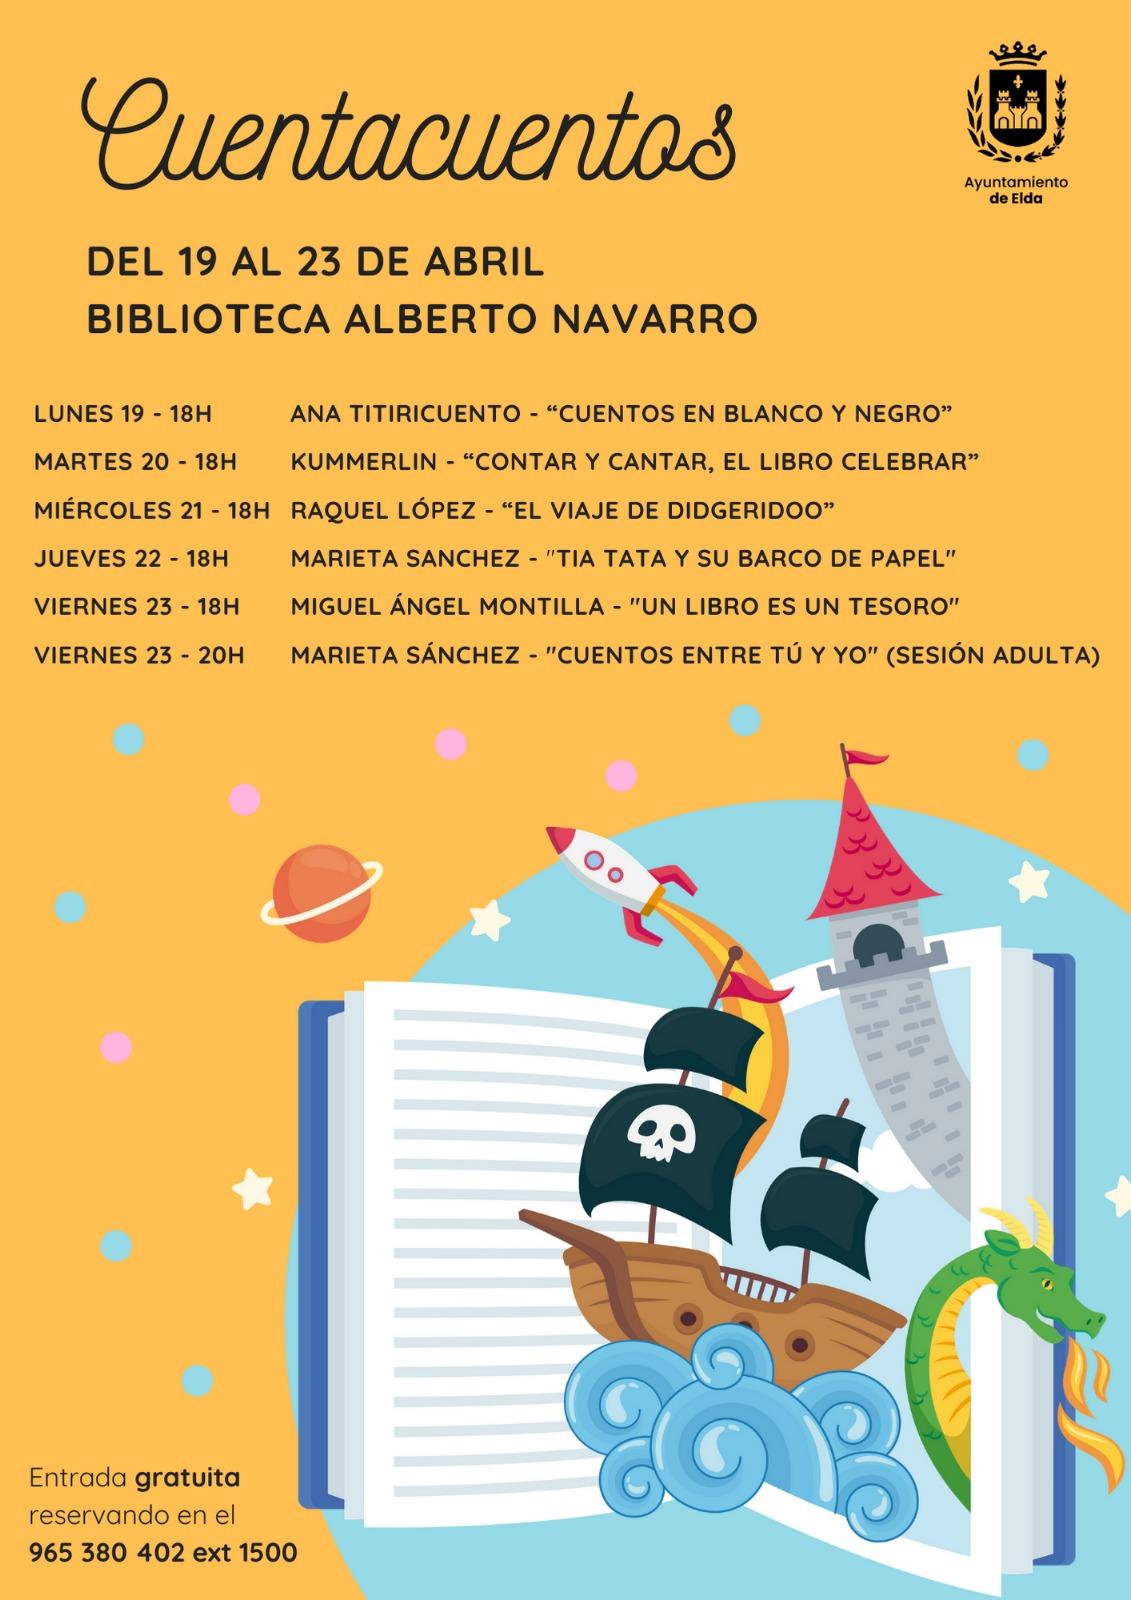 La Concejalía de Cultura celebra el Día del Libro con una semana de cuentacuentos en Elda y la entrega de libros gratuitos